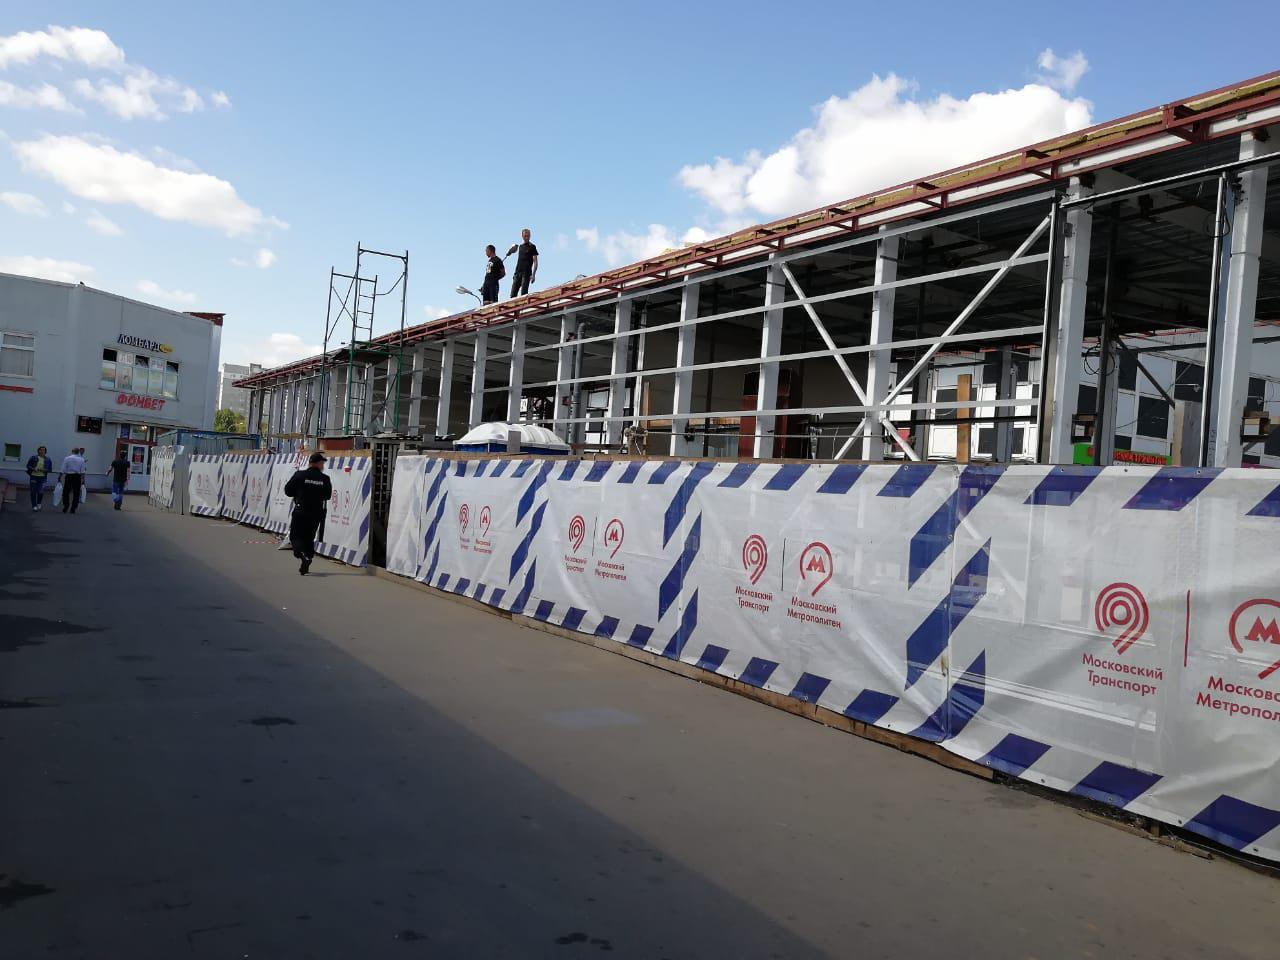 Работы по реконструкции переходов станции метро «Бибирево» вышли на финишную прямую